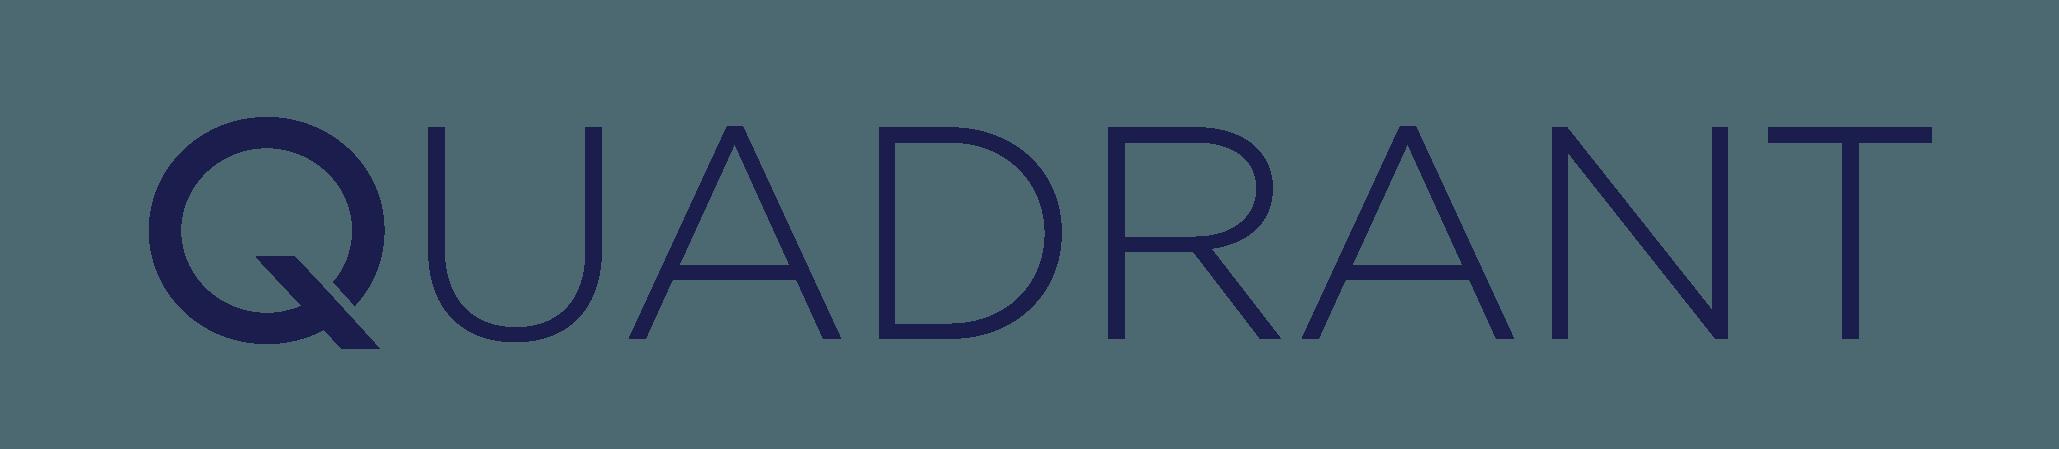 Quadrant_Inverse_Text